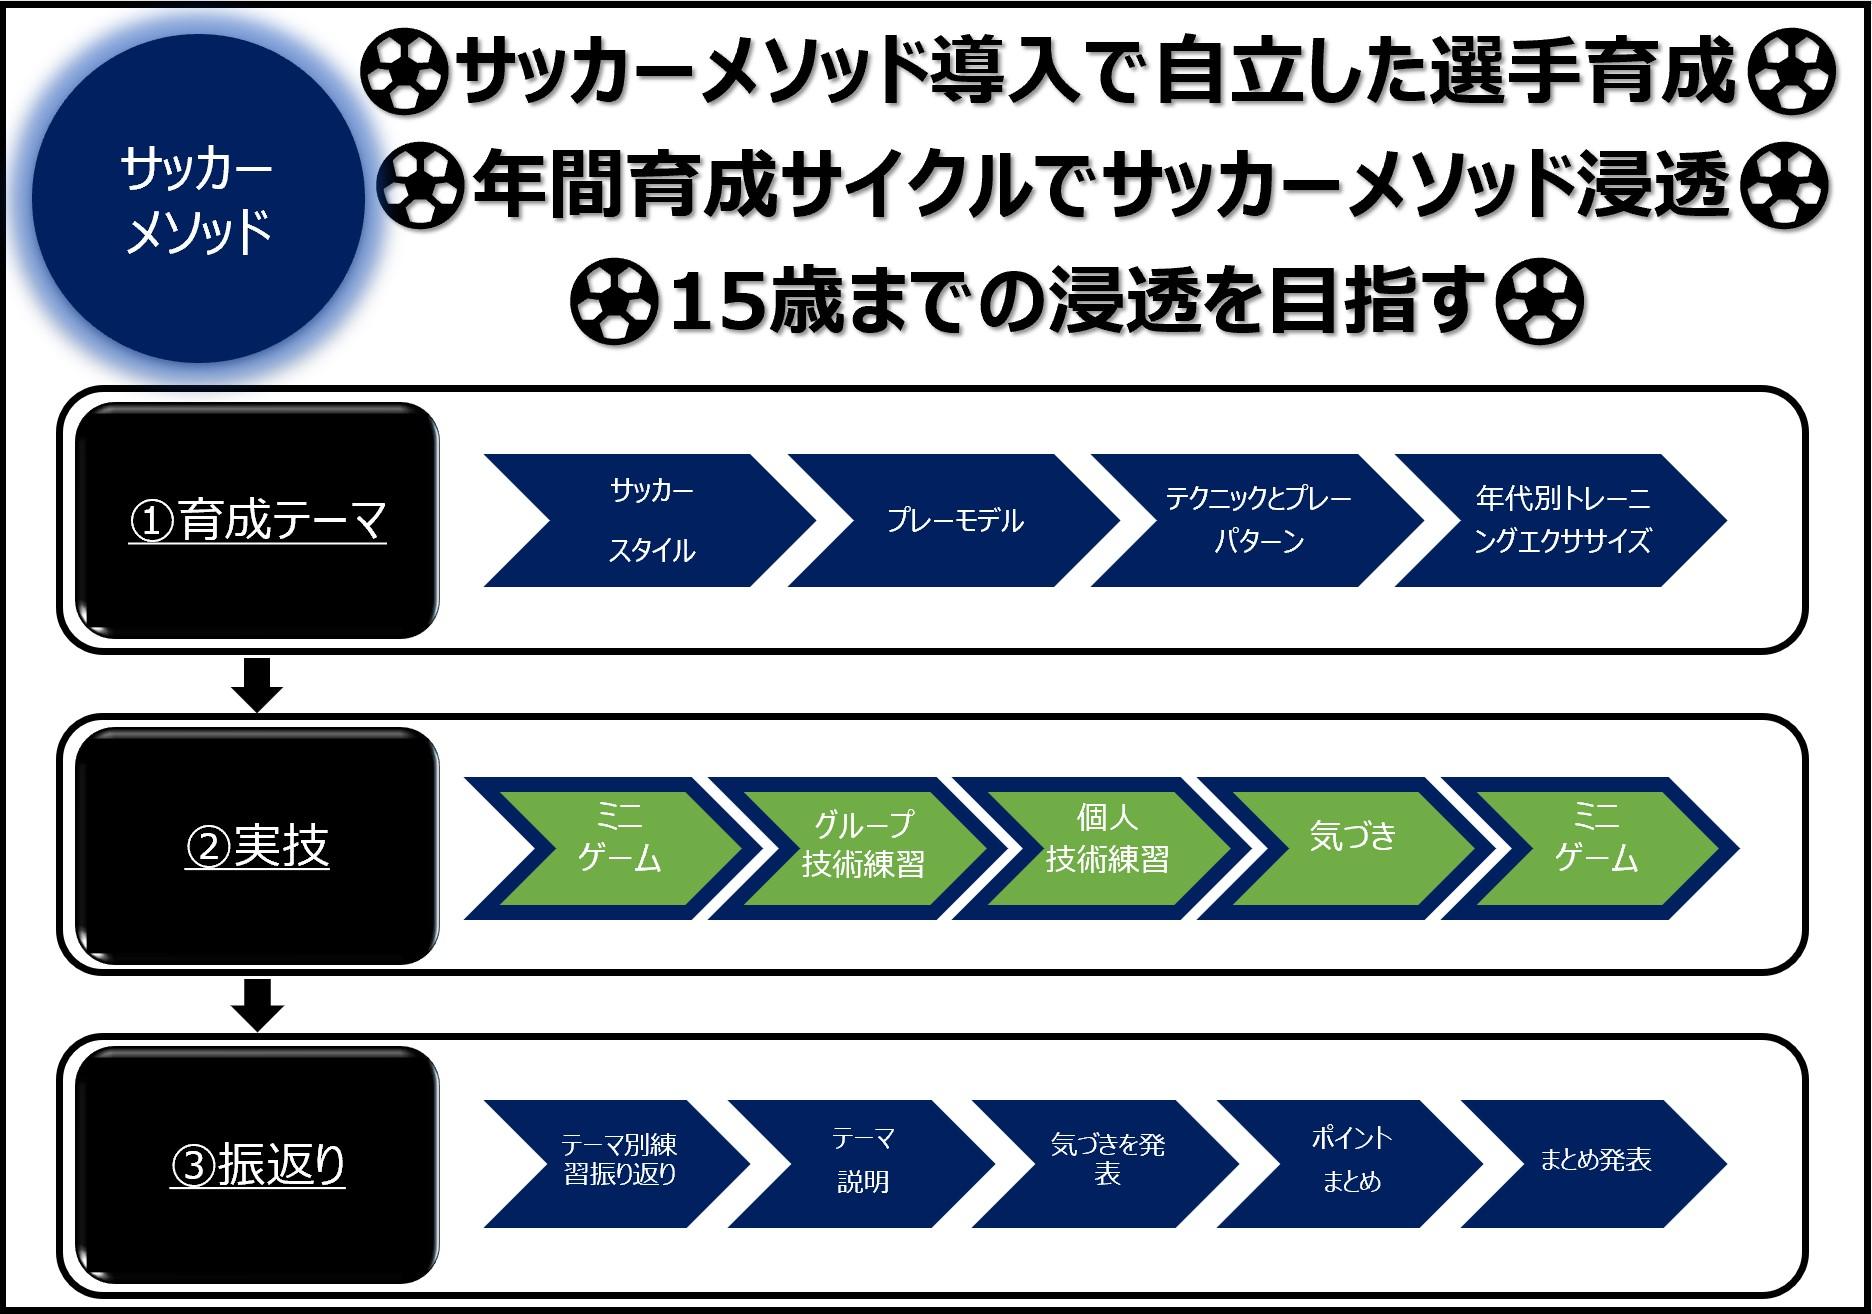 サッカー原理原則メソッド_育成サイクル_詳細_20210520